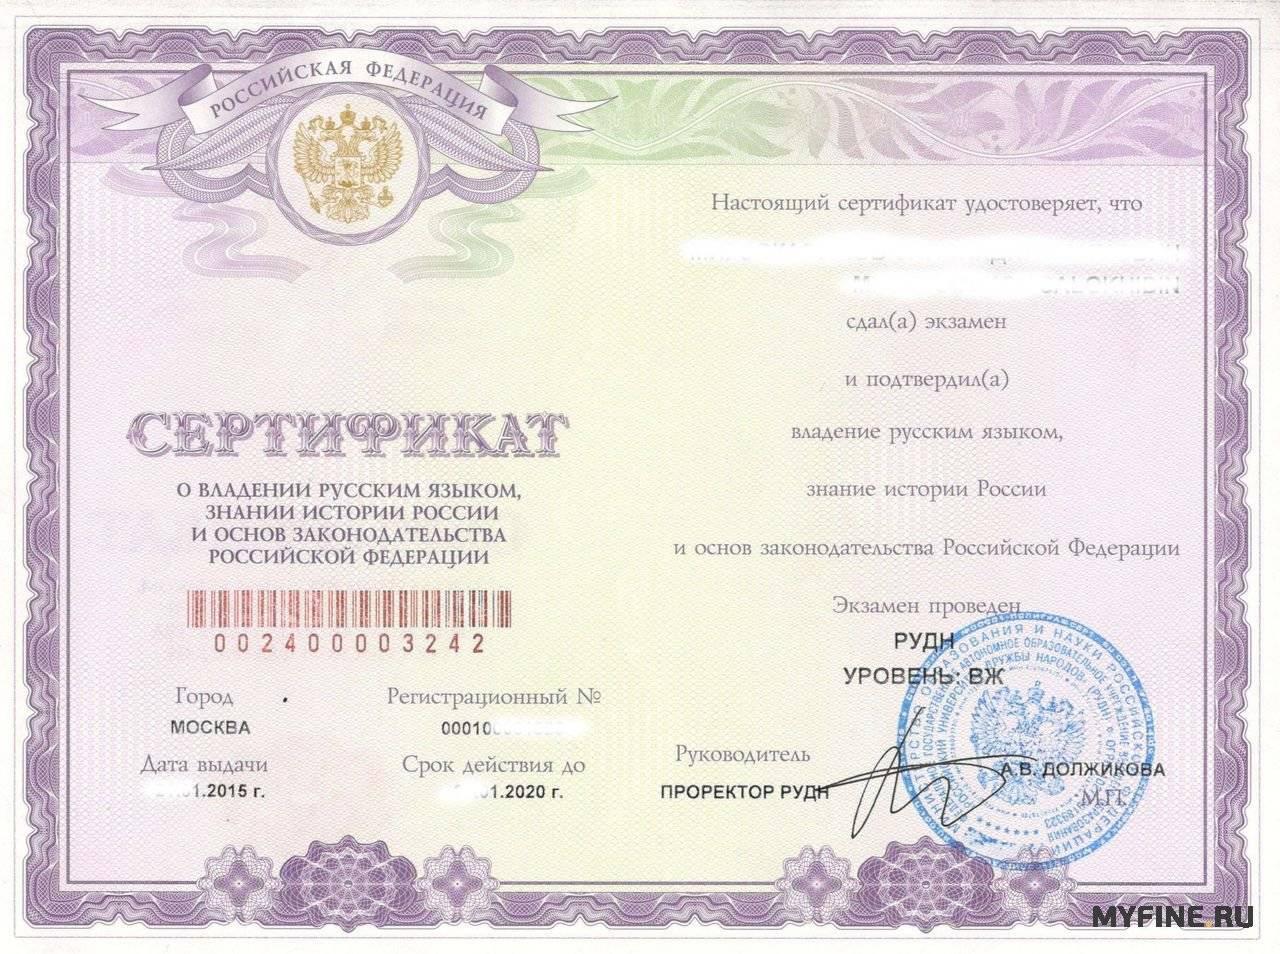 Работа иностранного гражданина у ип без патента чем грозит